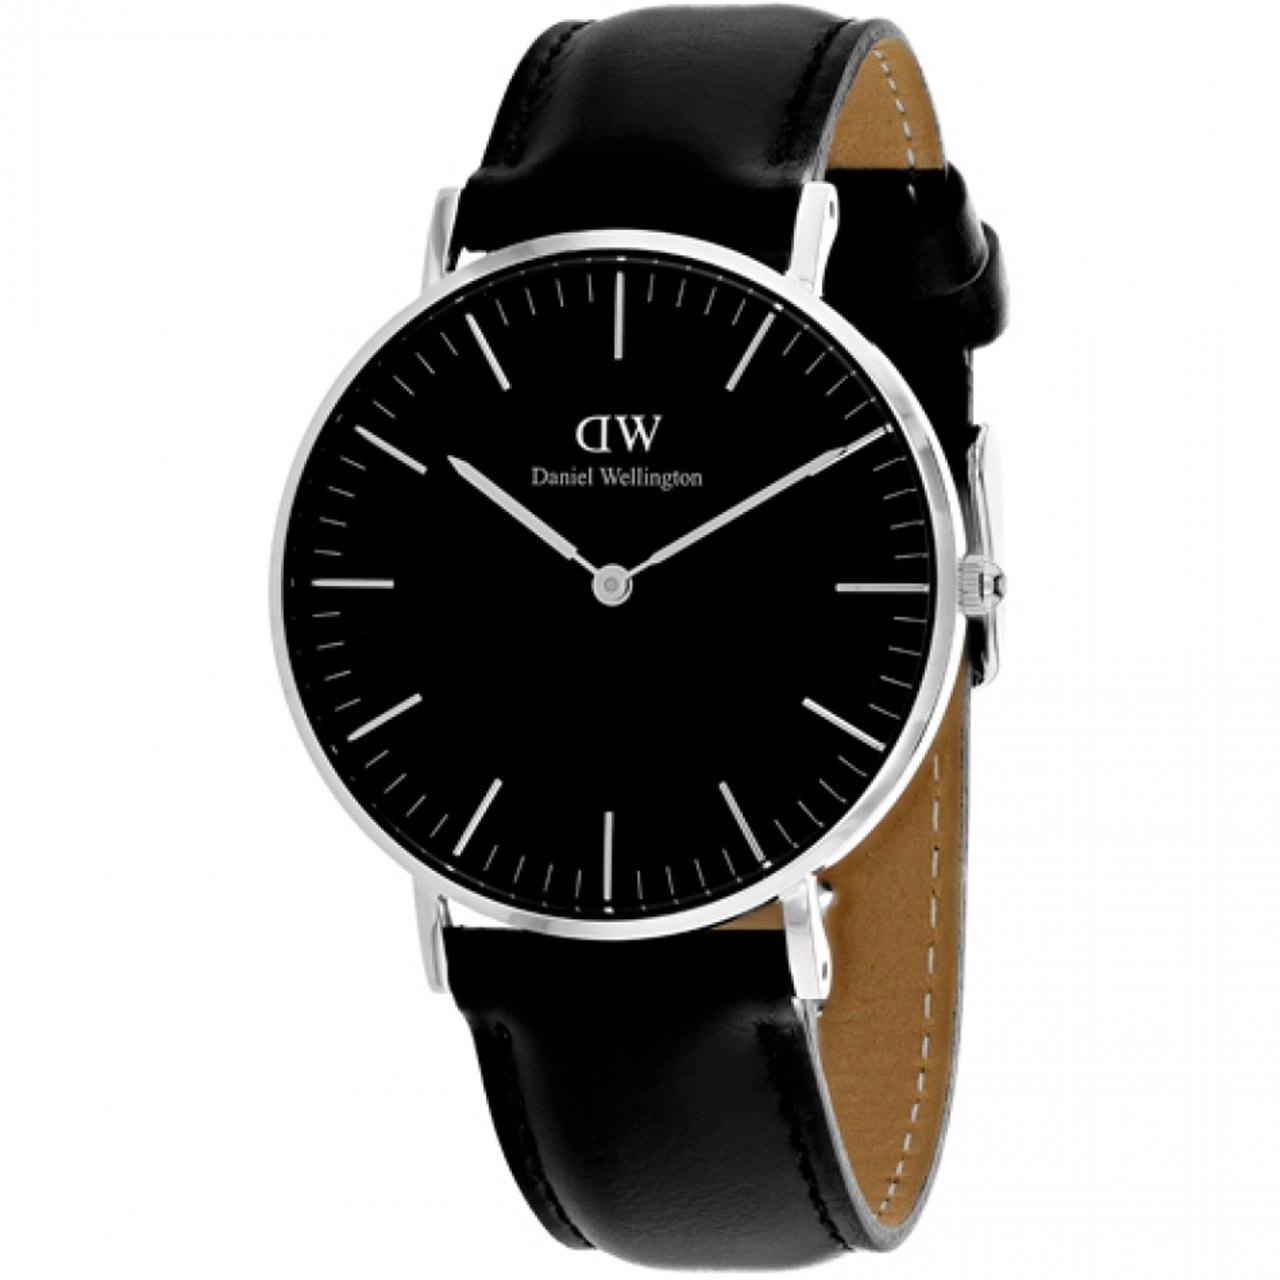 ساعت مچی عقربه ای مردانه دنیل ولینگتون مدل DW00100133